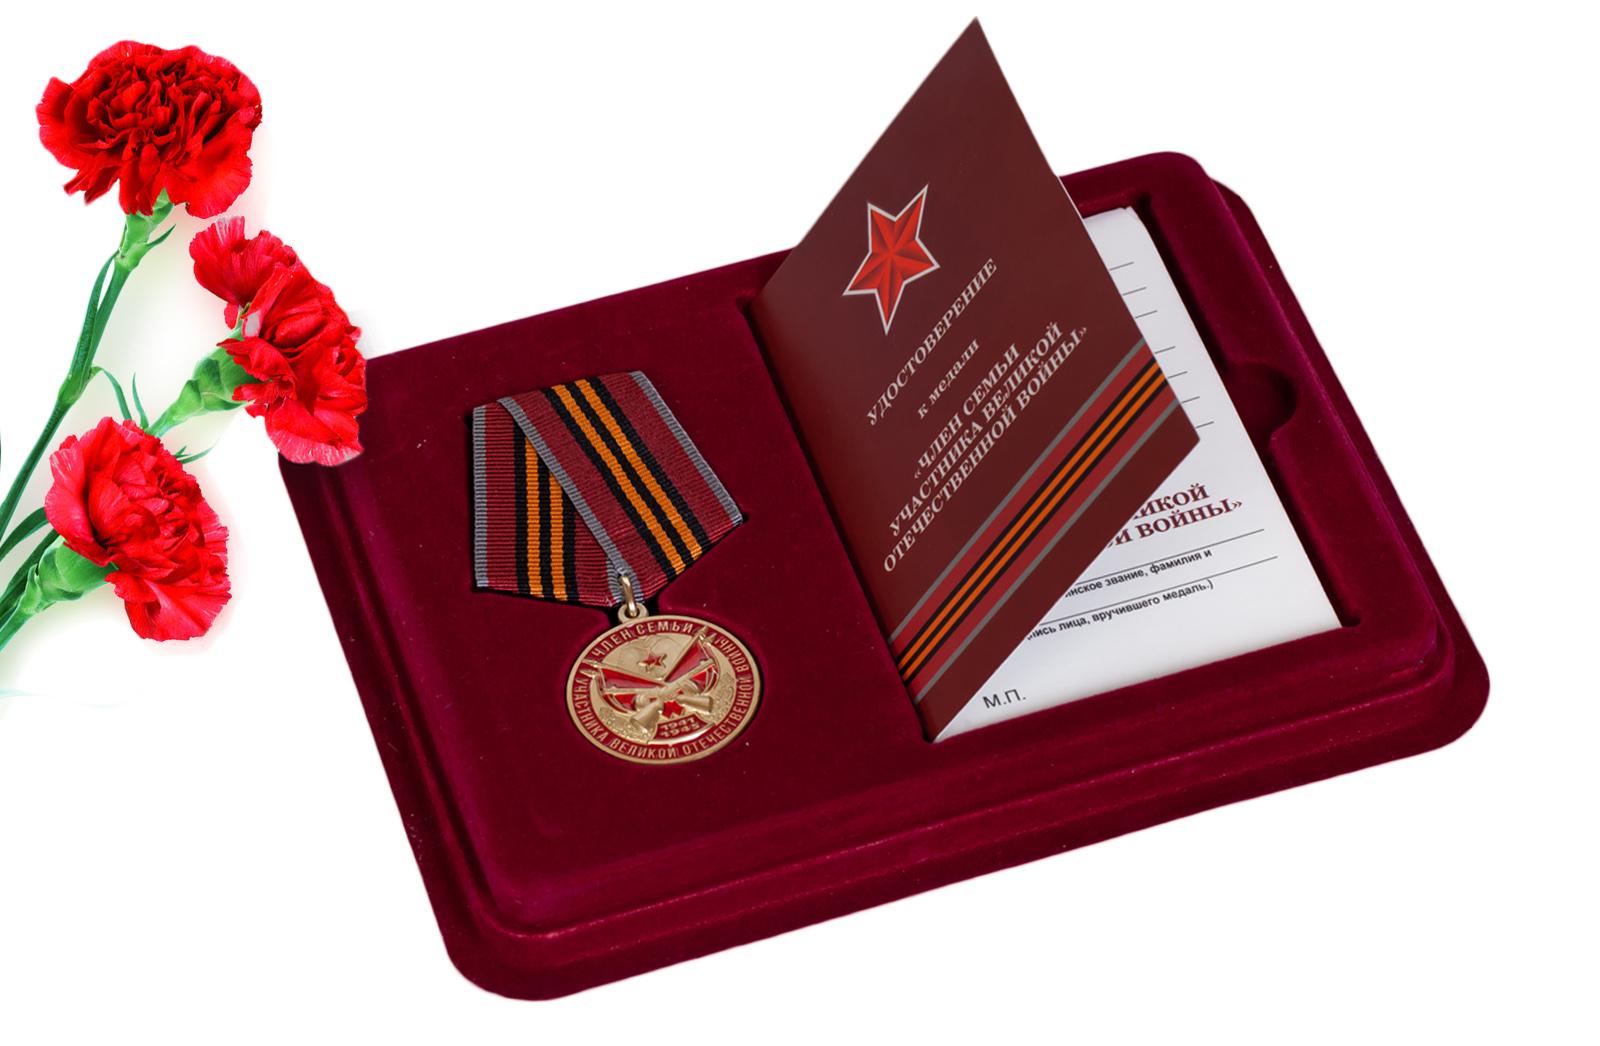 Купить памятную медаль Член семьи участника ВОВ в футляре удостоверением оптом выгодно